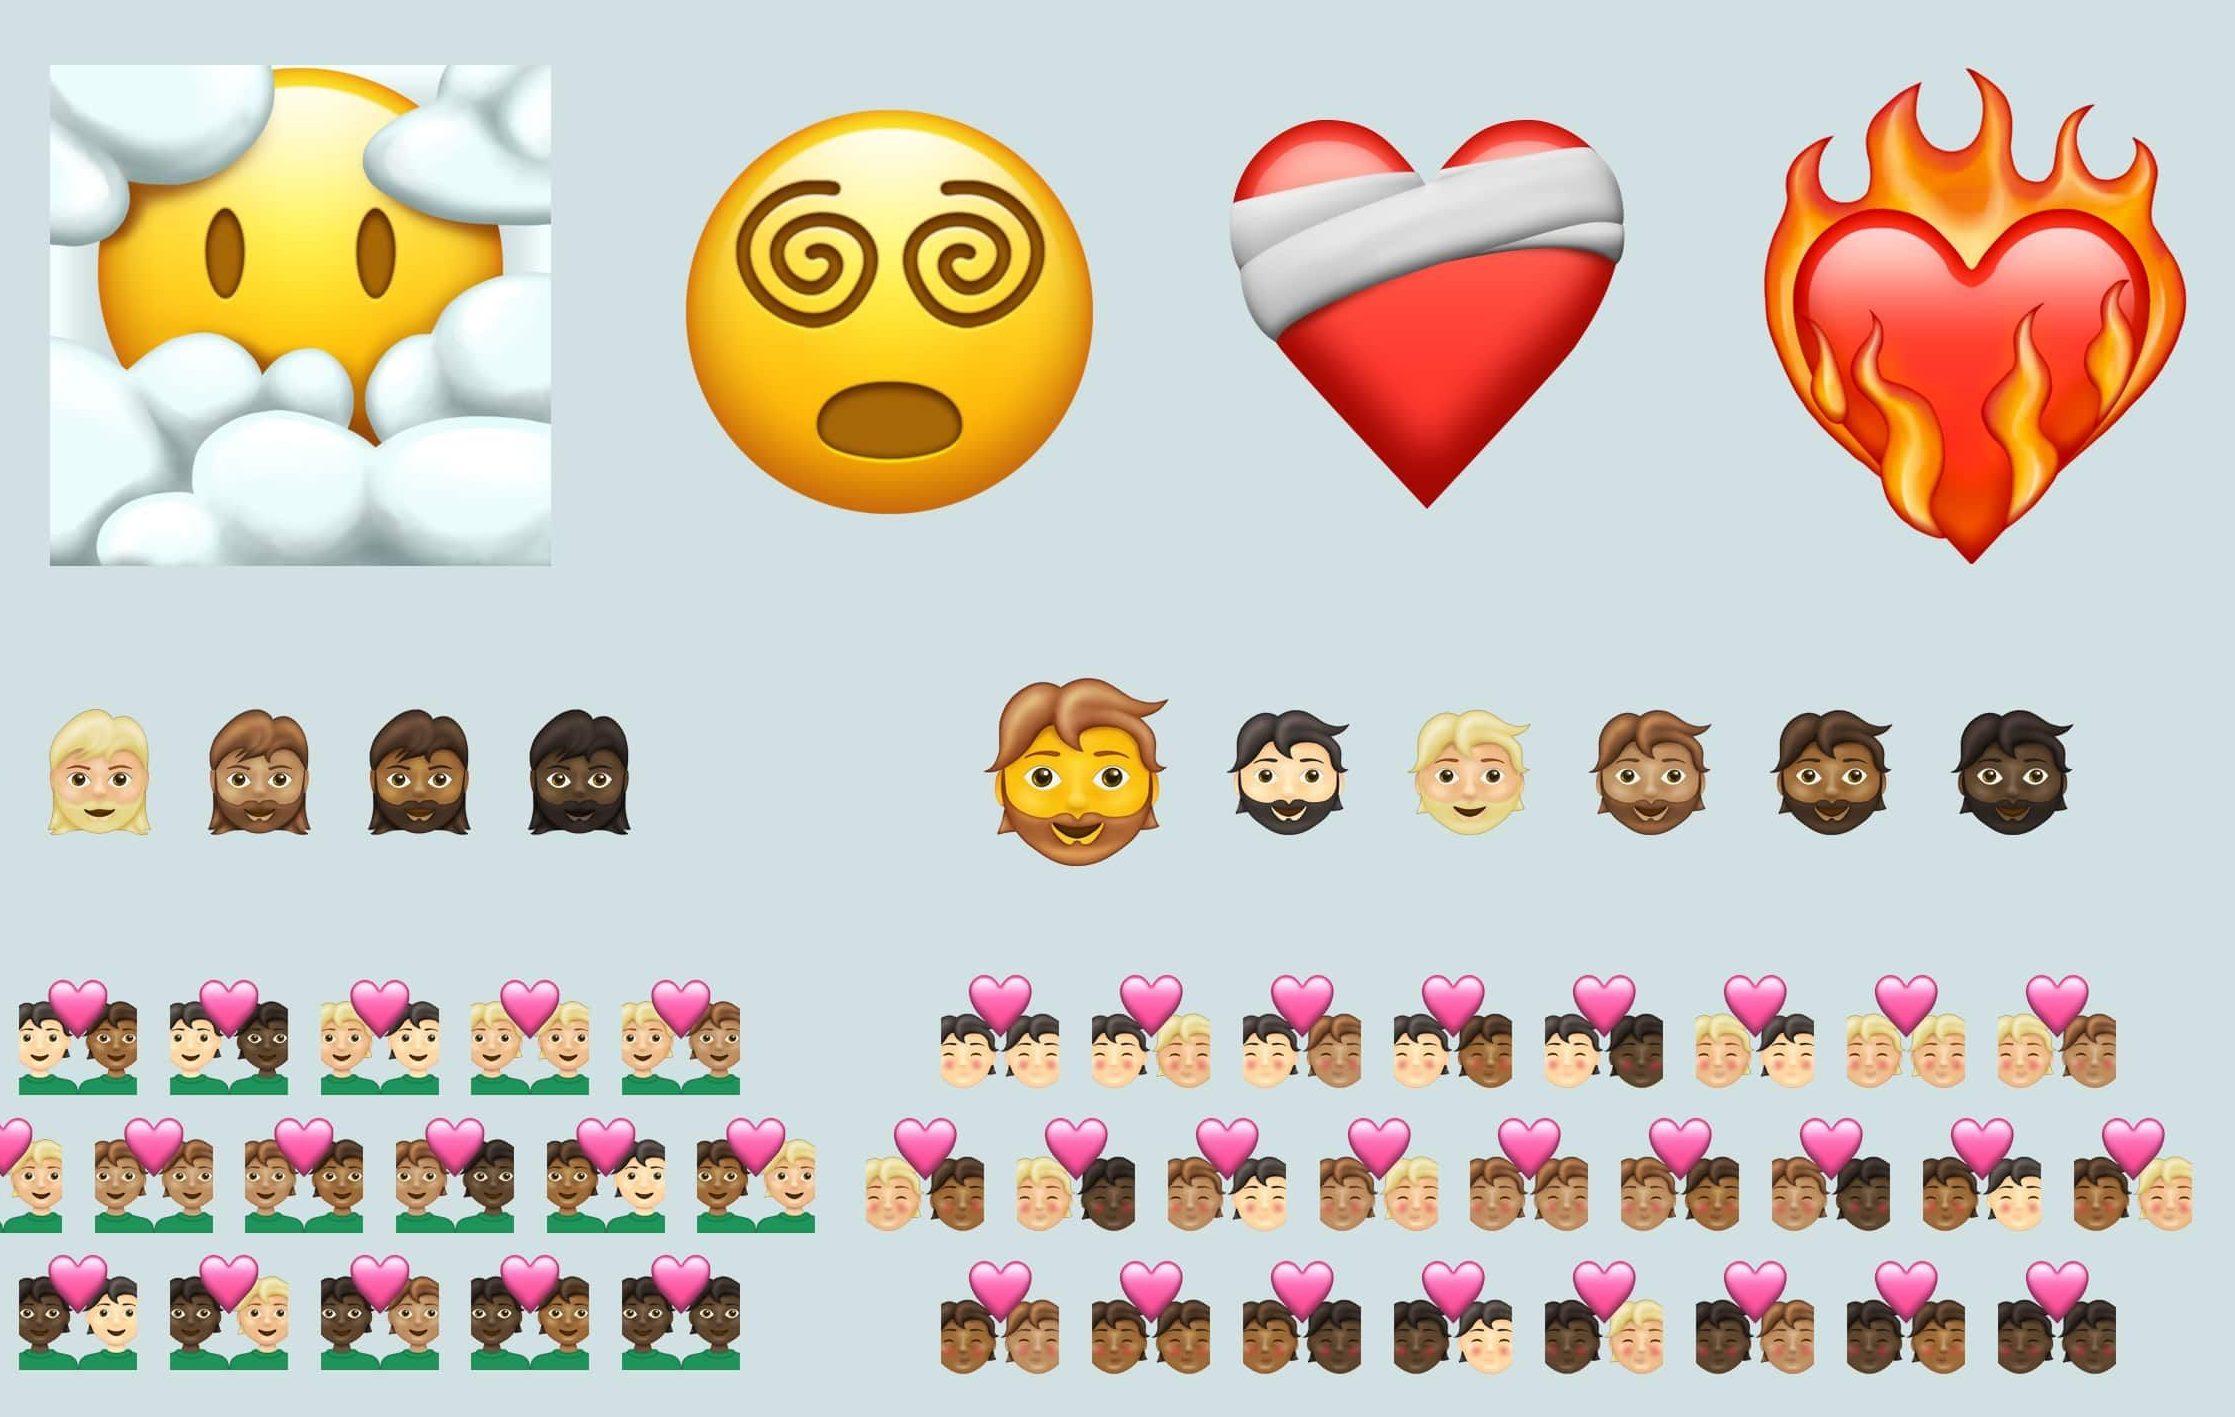 Nuevos emojis llegarán a WhatsApp, entre ellos un corazón en llamas